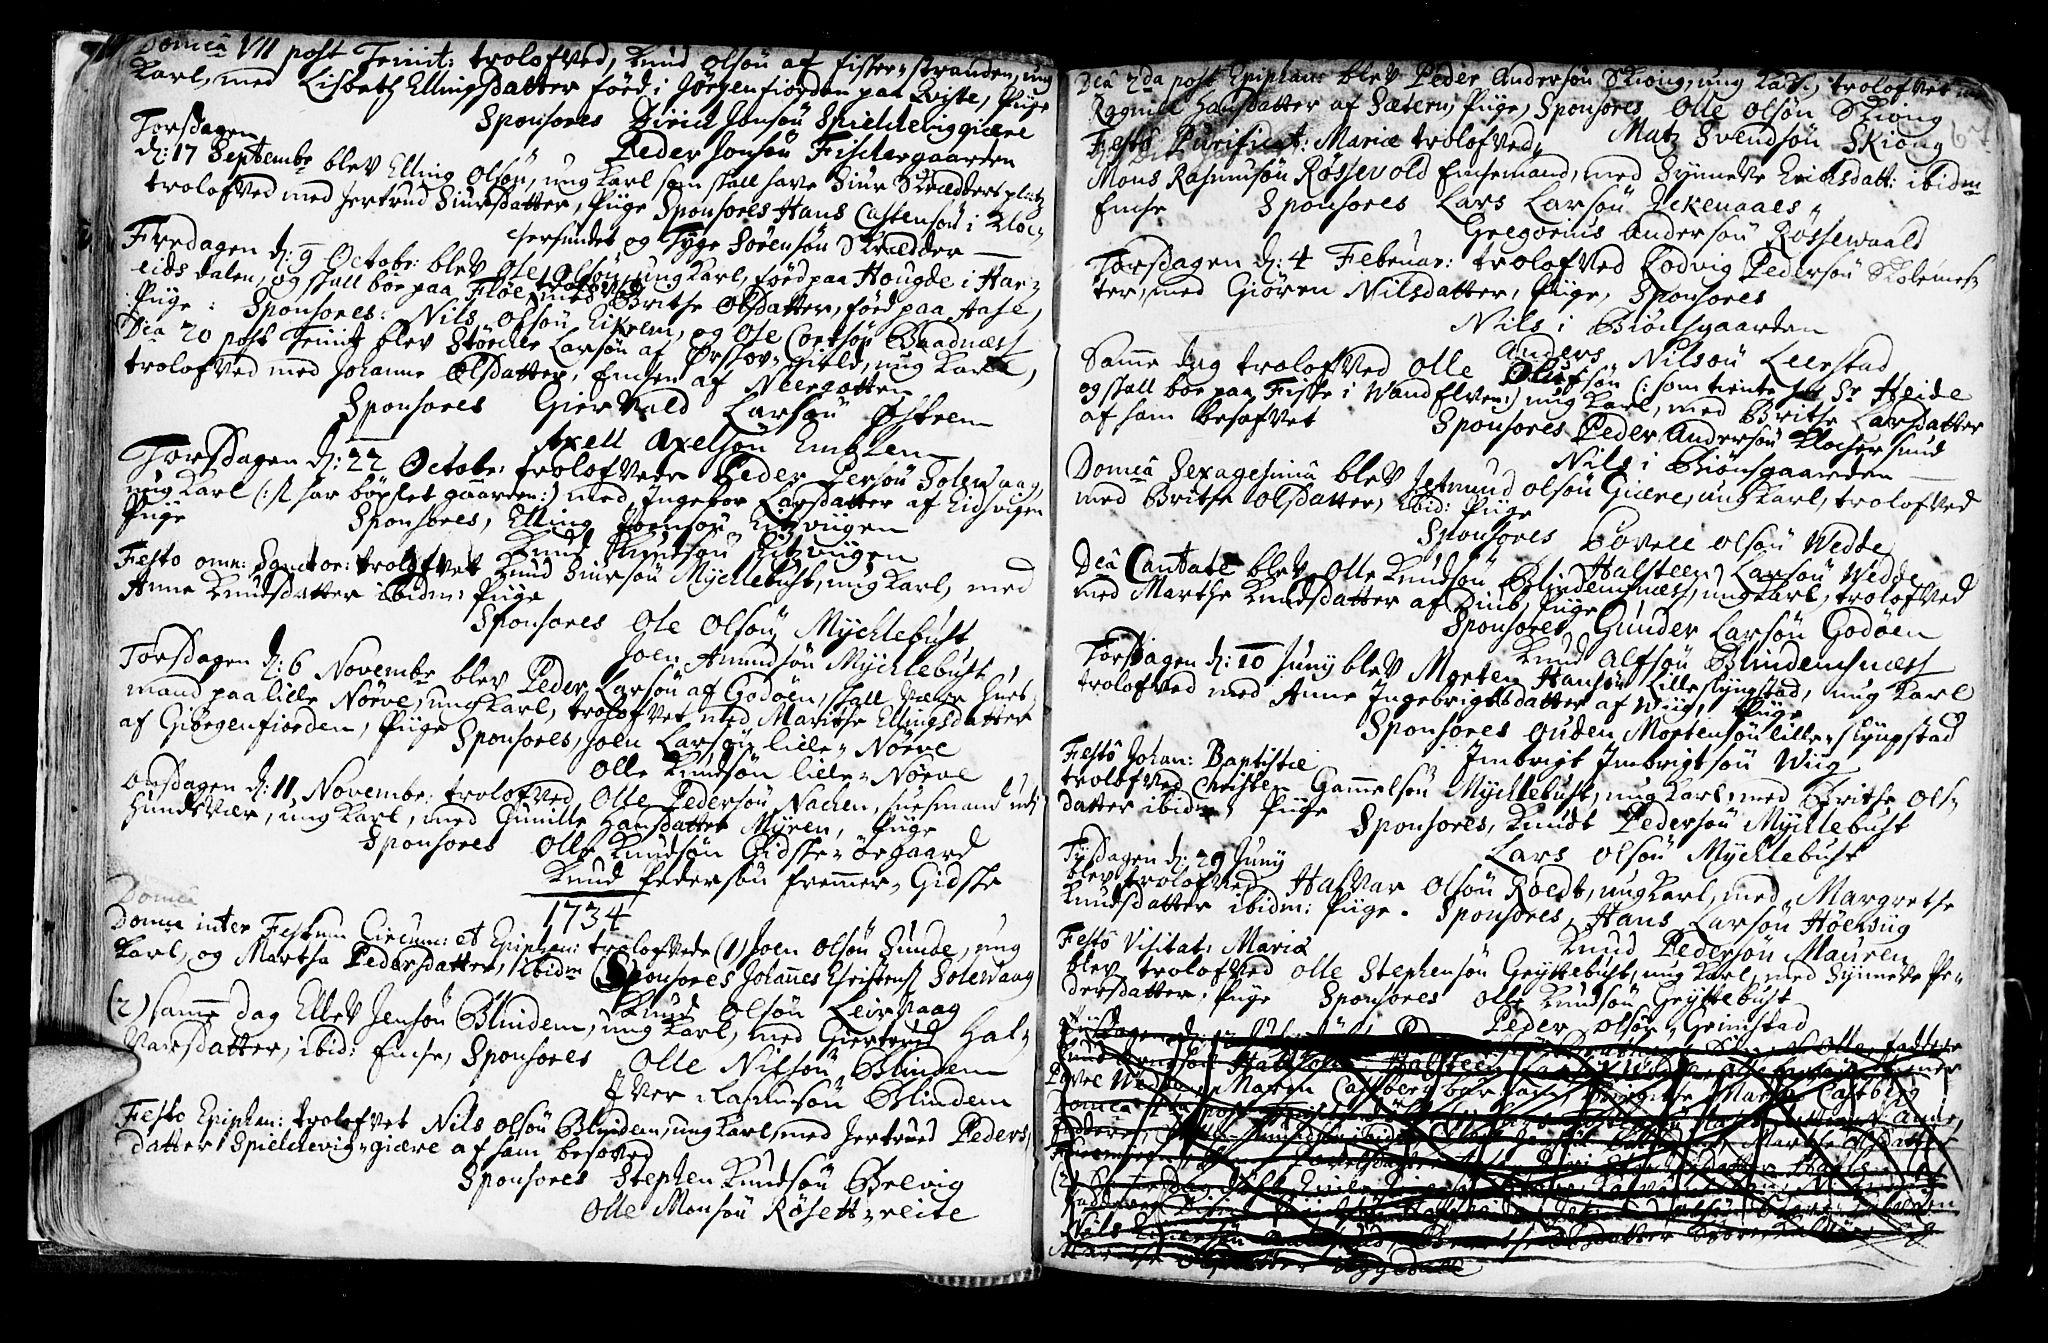 SAT, Ministerialprotokoller, klokkerbøker og fødselsregistre - Møre og Romsdal, 528/L0390: Ministerialbok nr. 528A01, 1698-1739, s. 66-67